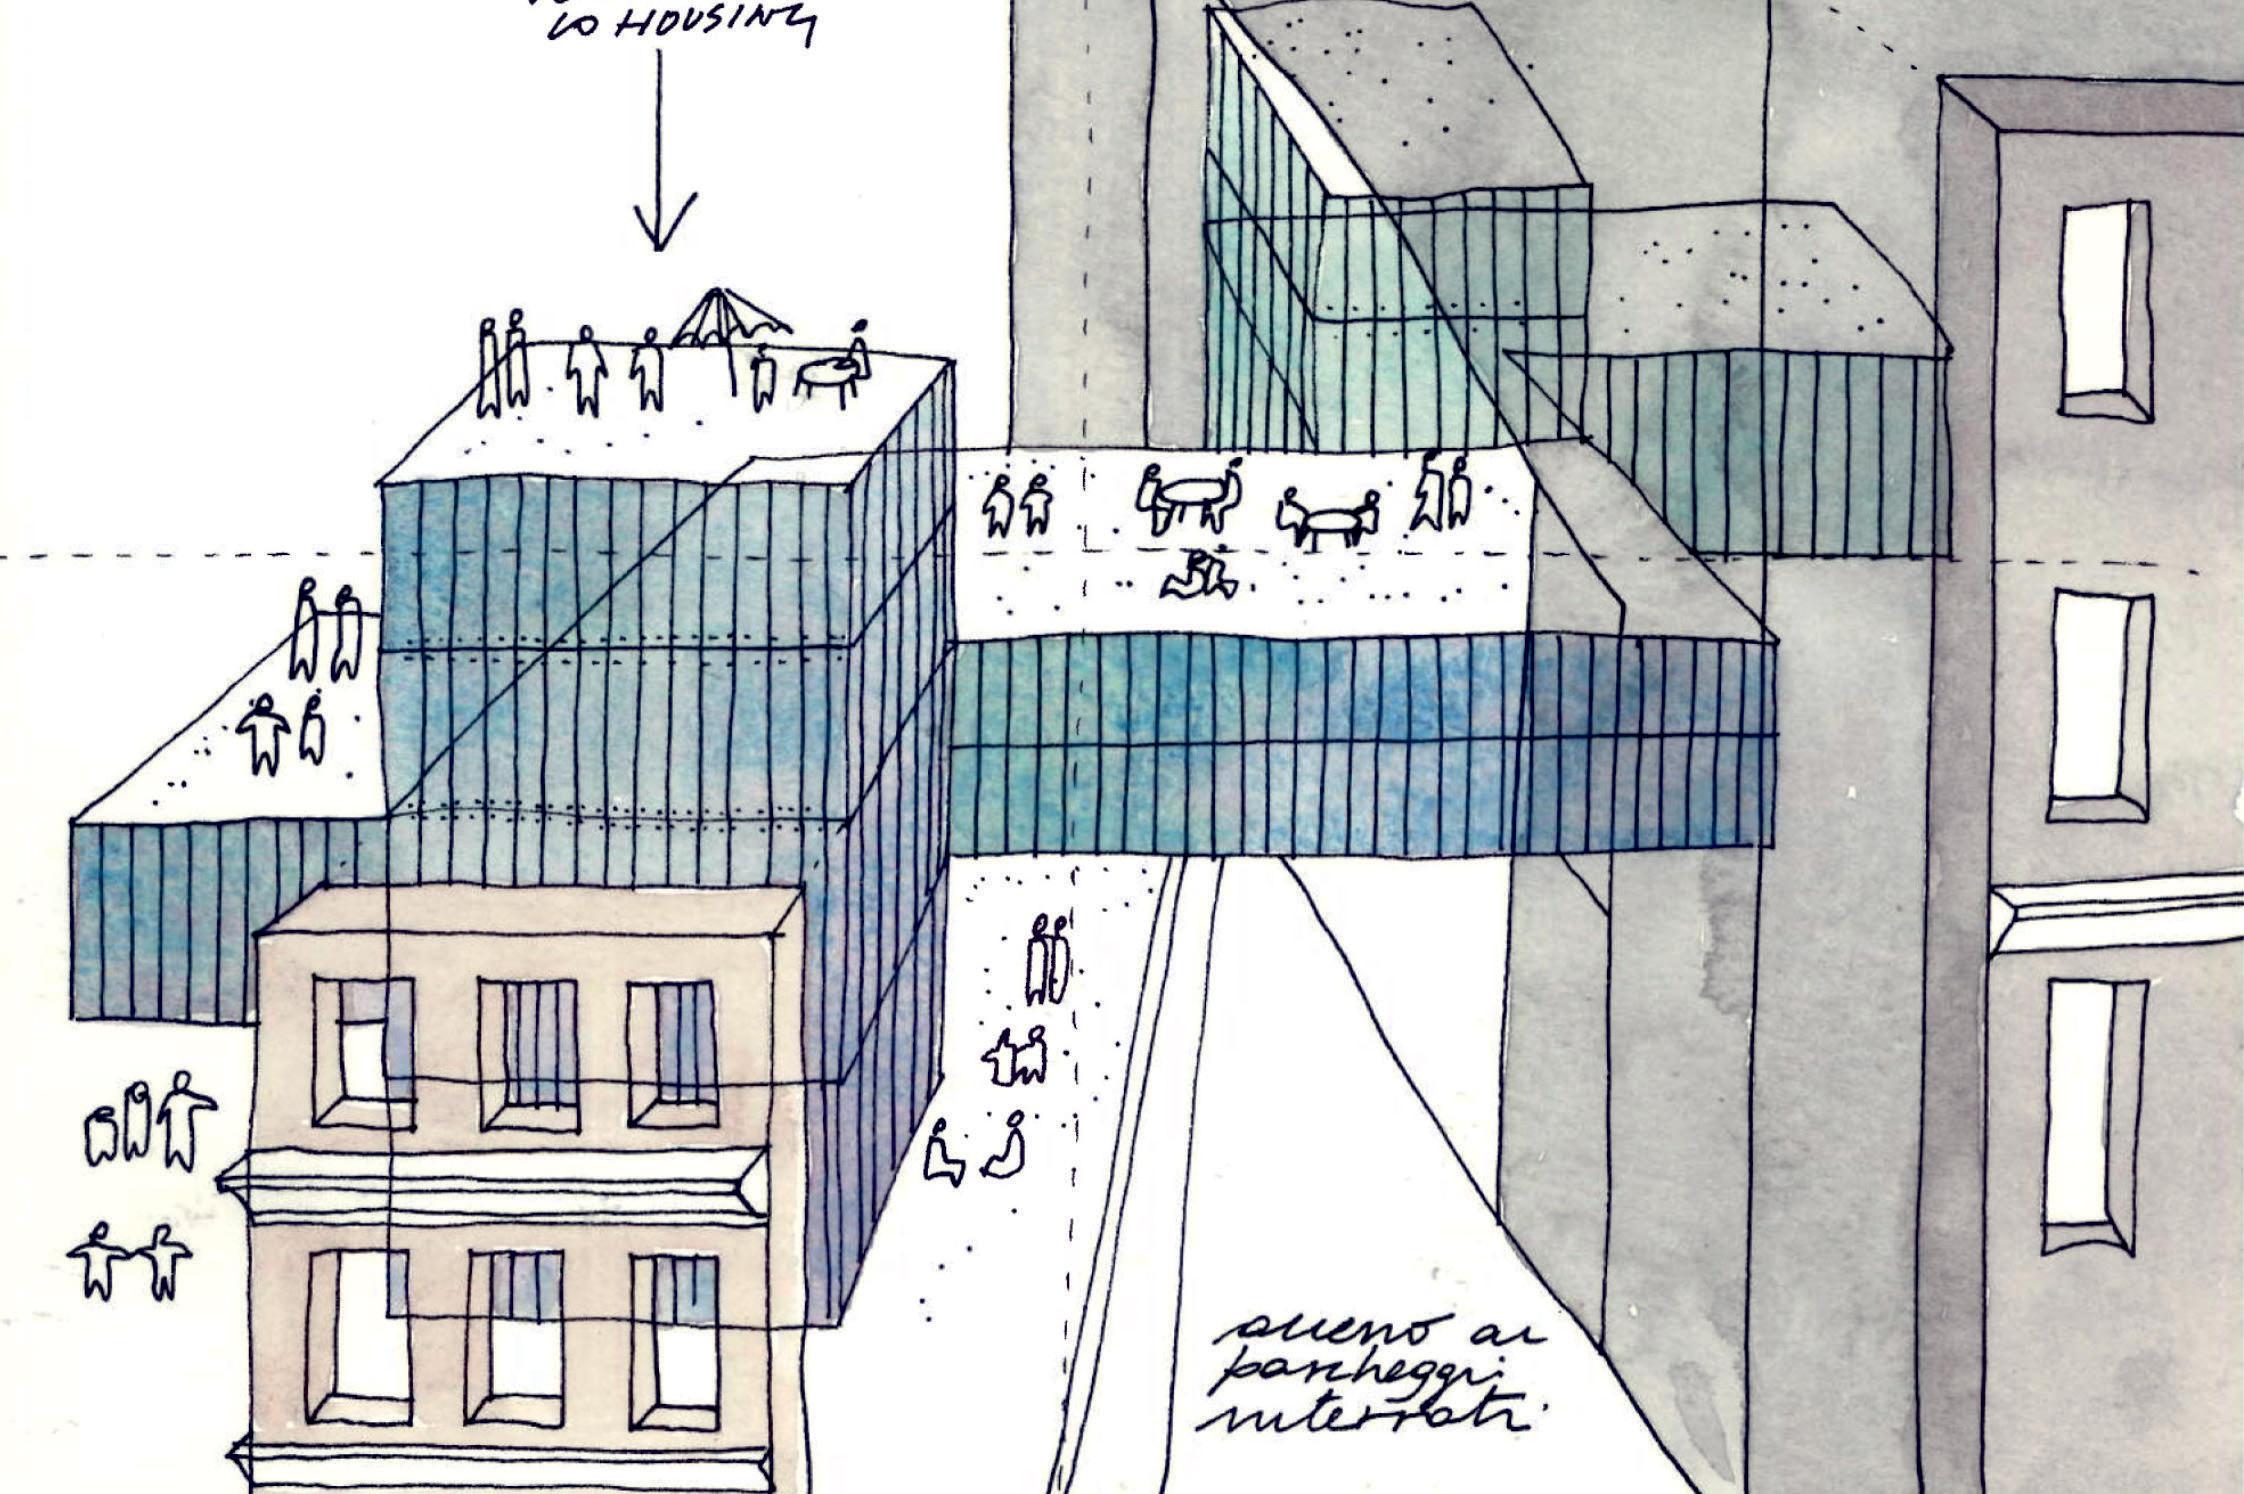 Valorizzazione complesso architettonico Via Bertani 1, Genova: student accomodation